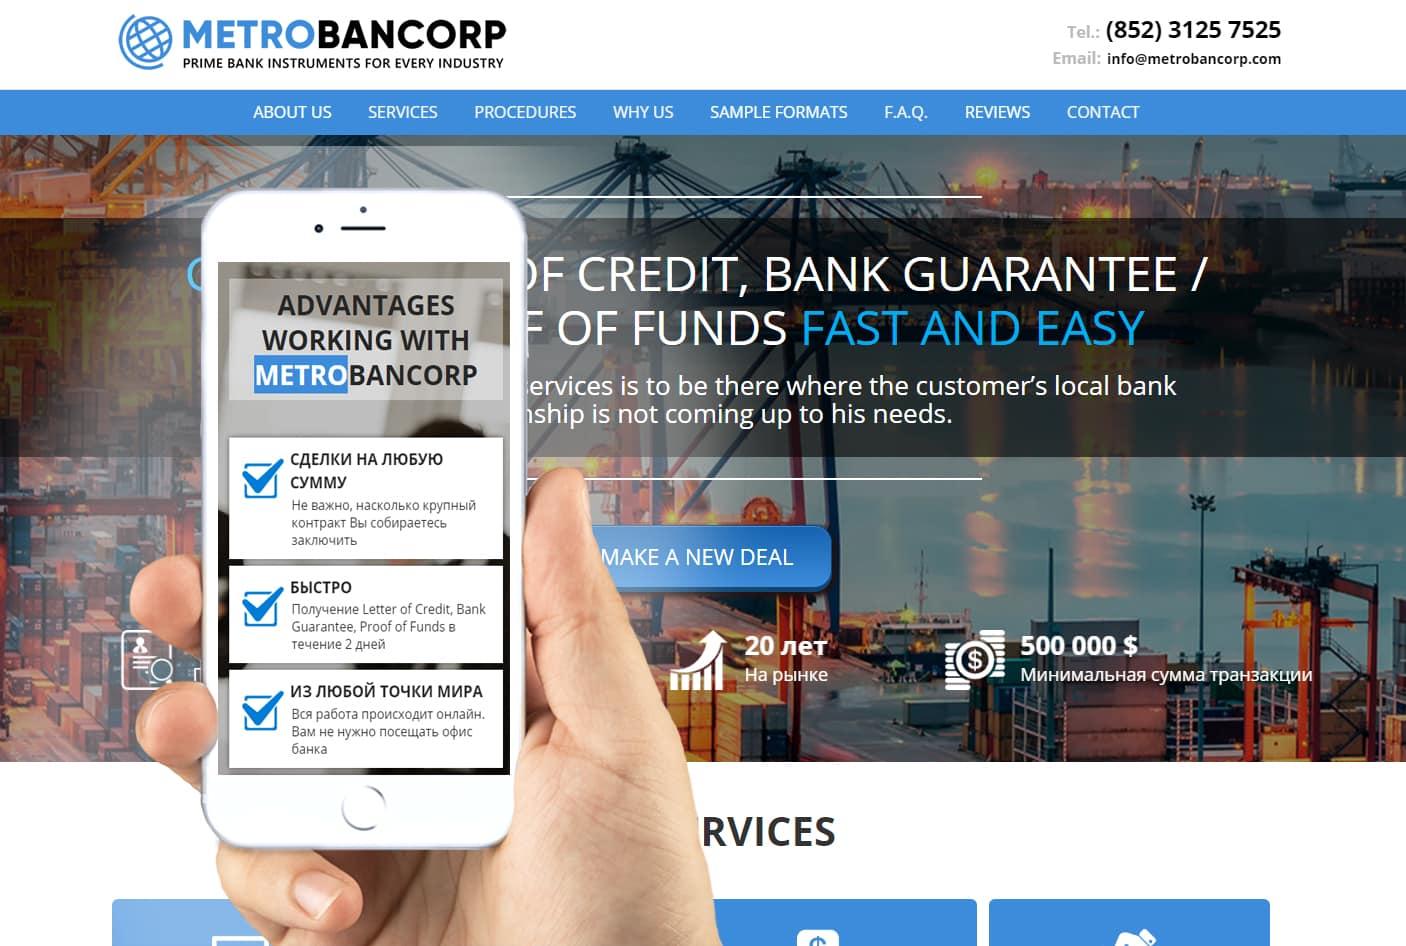 Trade-finance.hk.com